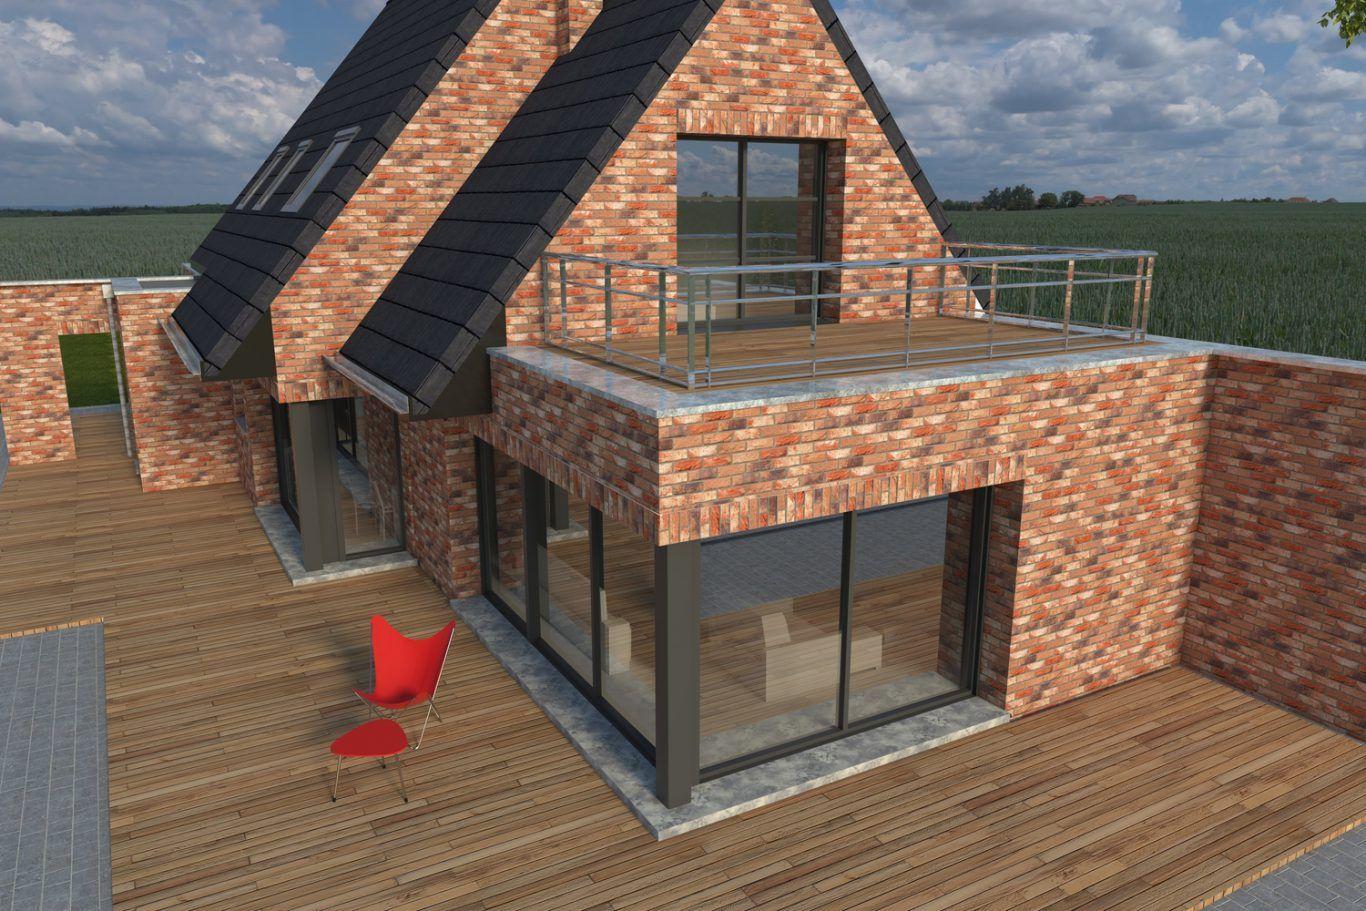 Pingl par maisonneuve sur maisonneuve pinterest for Construction maison brique